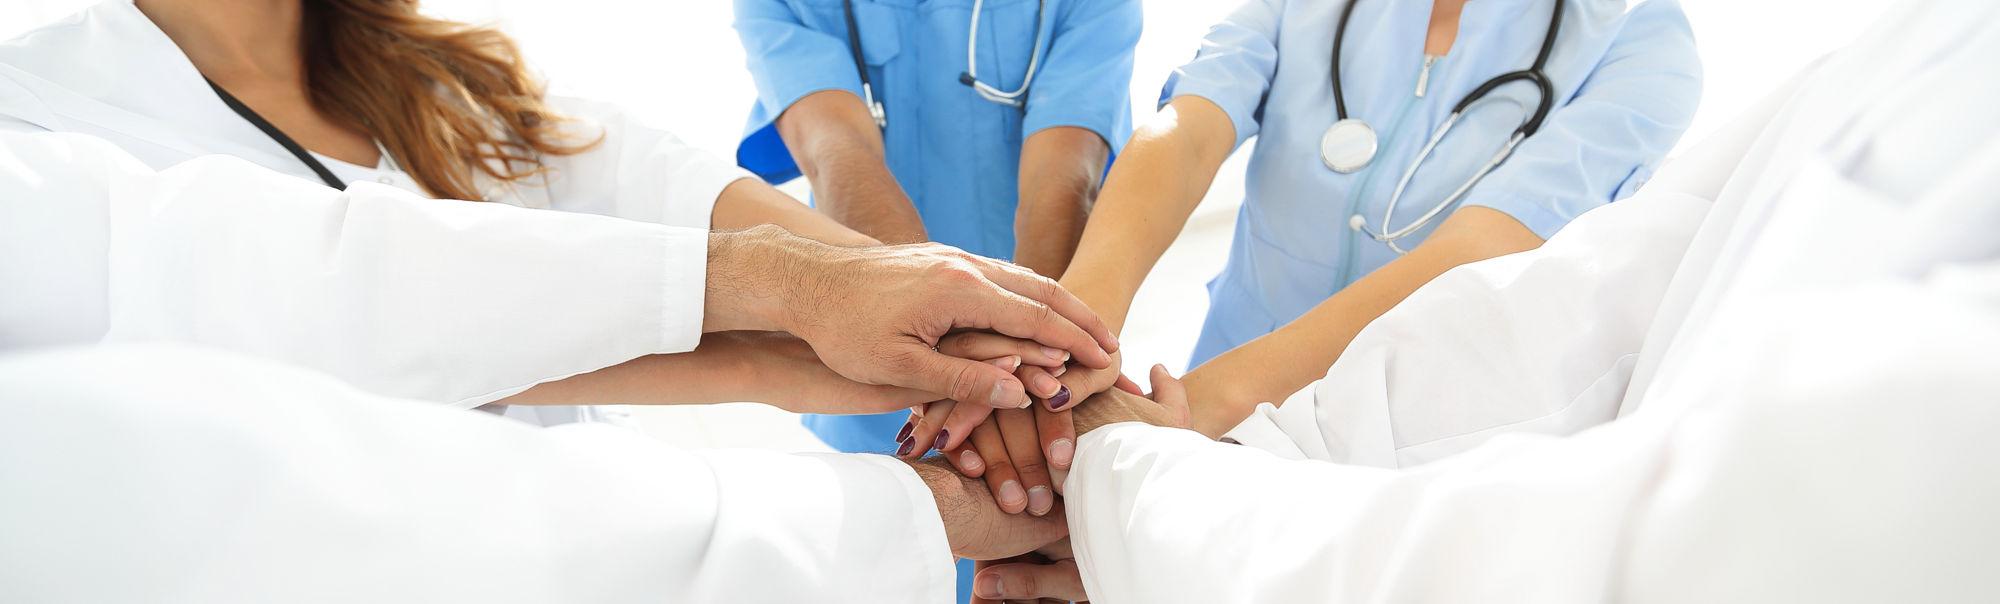 Wir bieten jungen Ärzten Hilfe, Beratung und Lösungen für ihre berufliche Zukunft an.